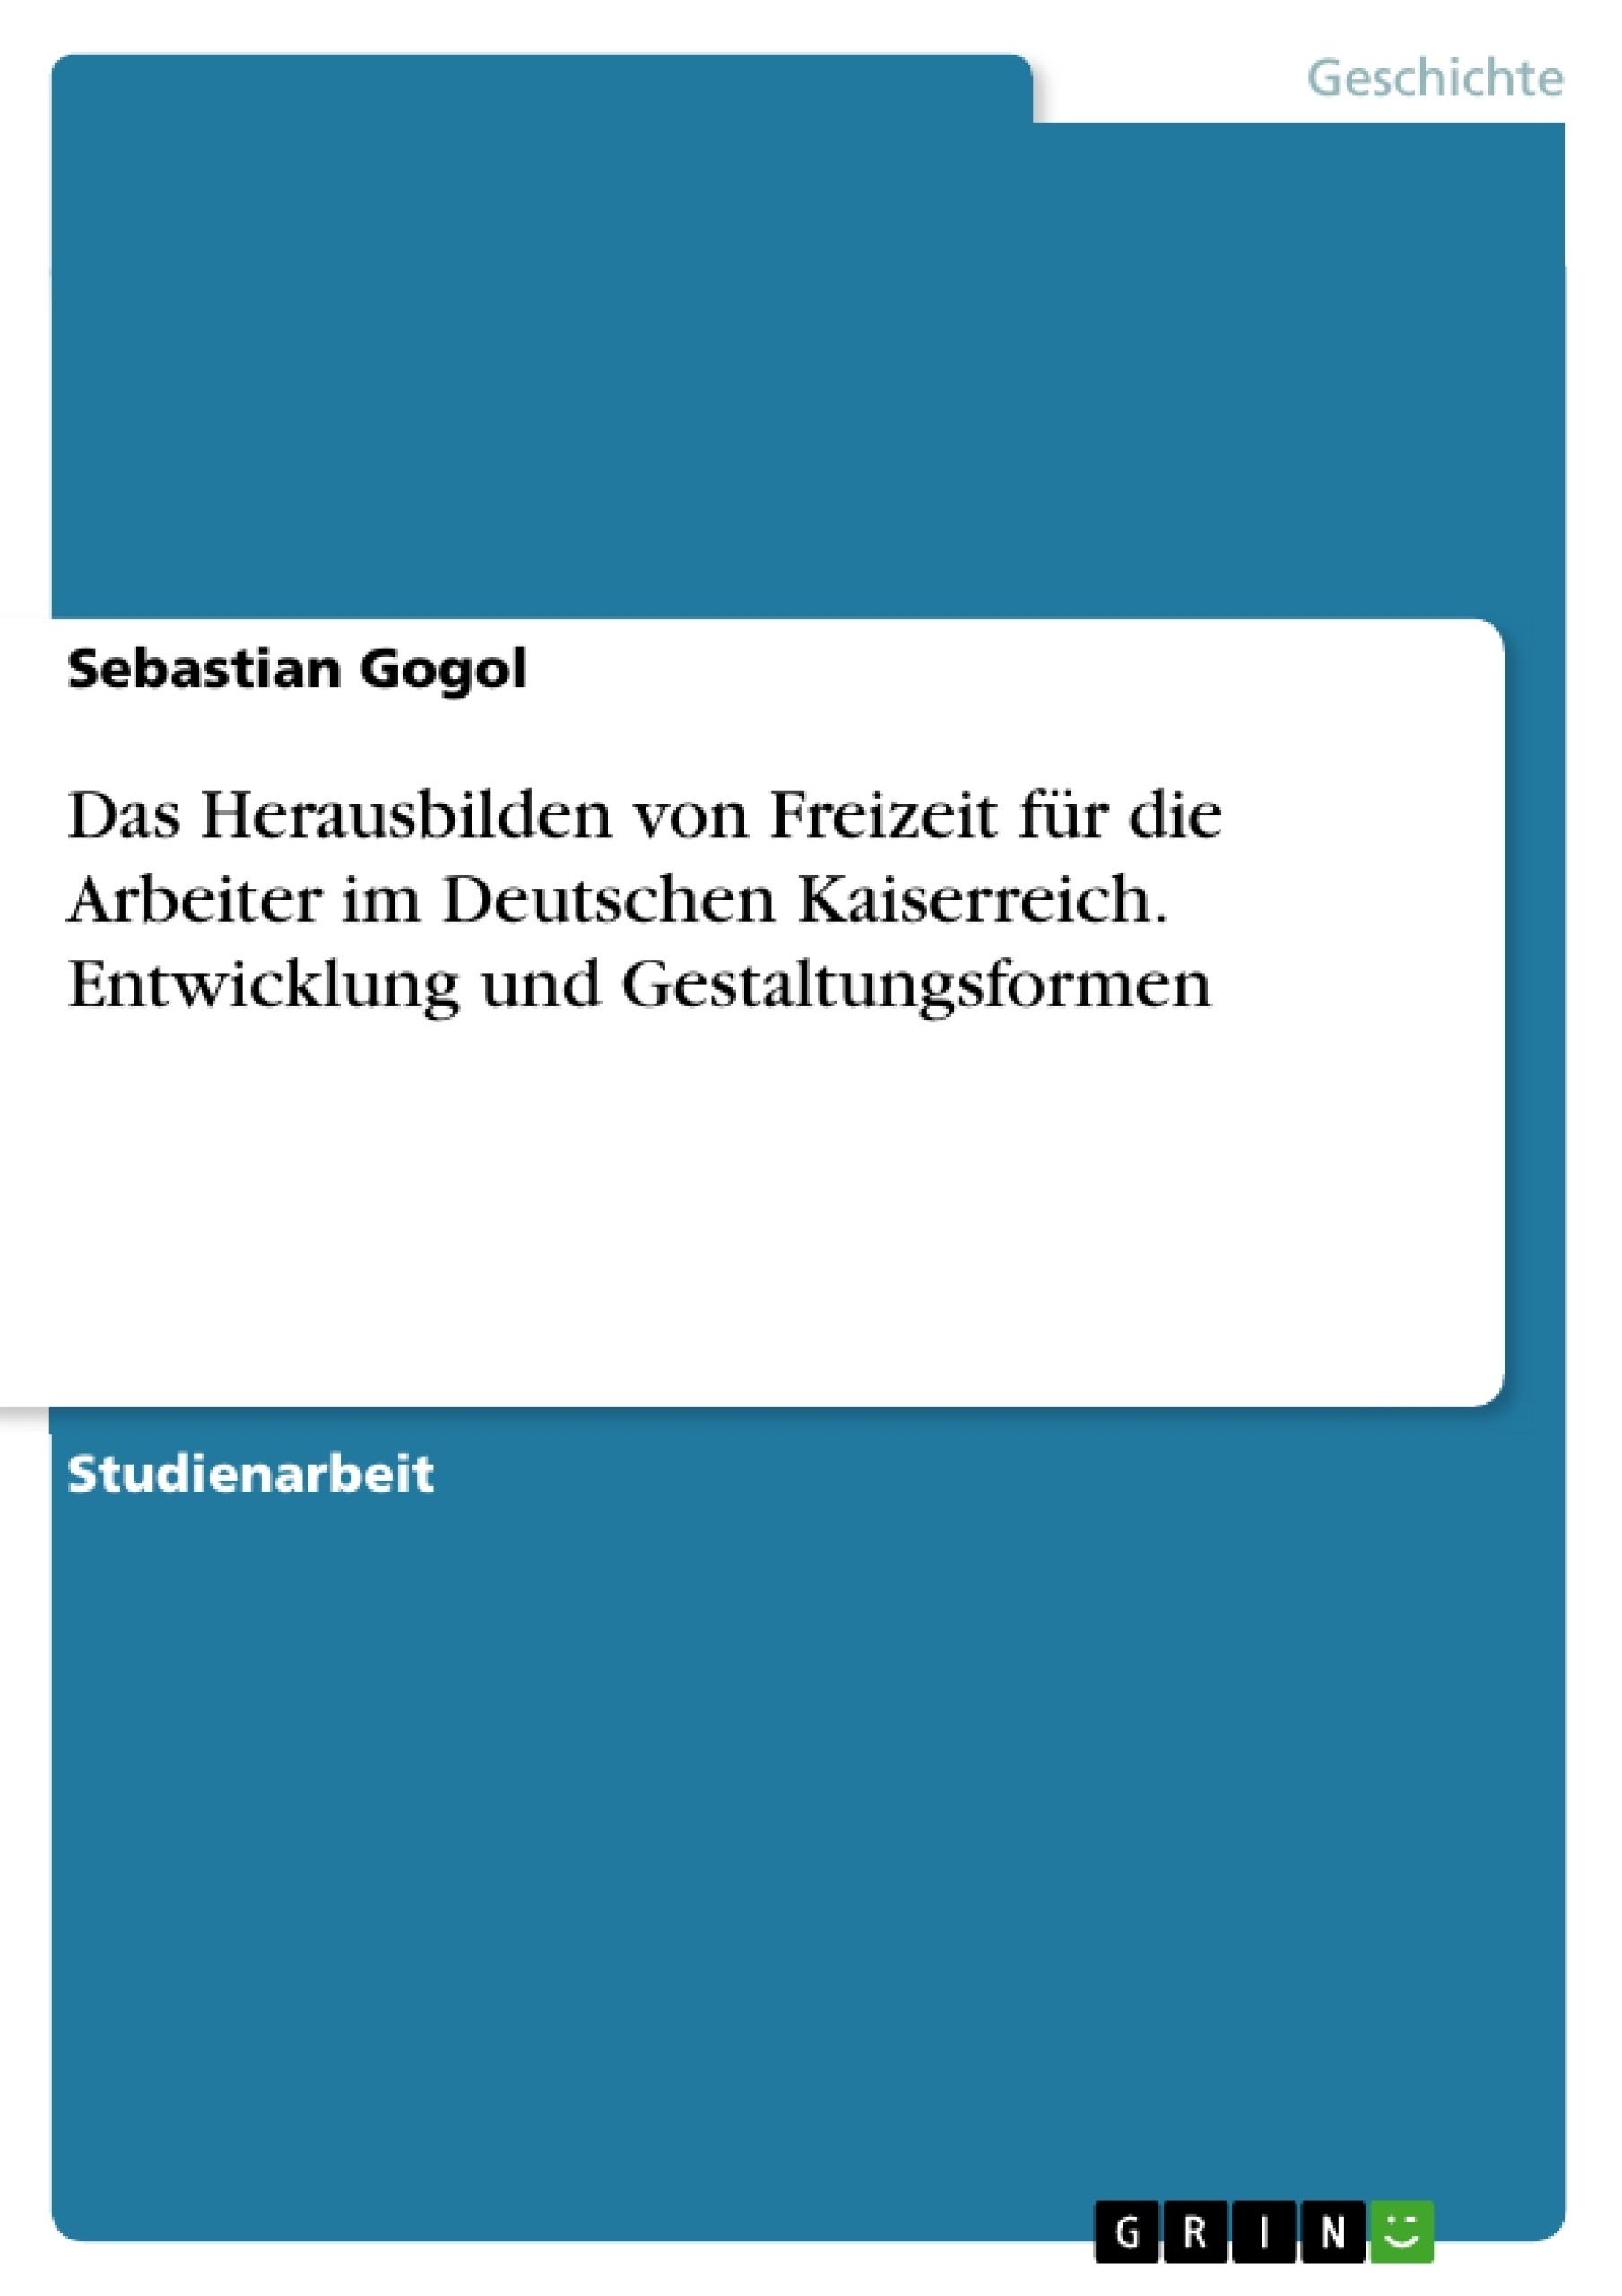 Titel: Das Herausbilden von Freizeit für die Arbeiter im Deutschen Kaiserreich. Entwicklung und Gestaltungsformen